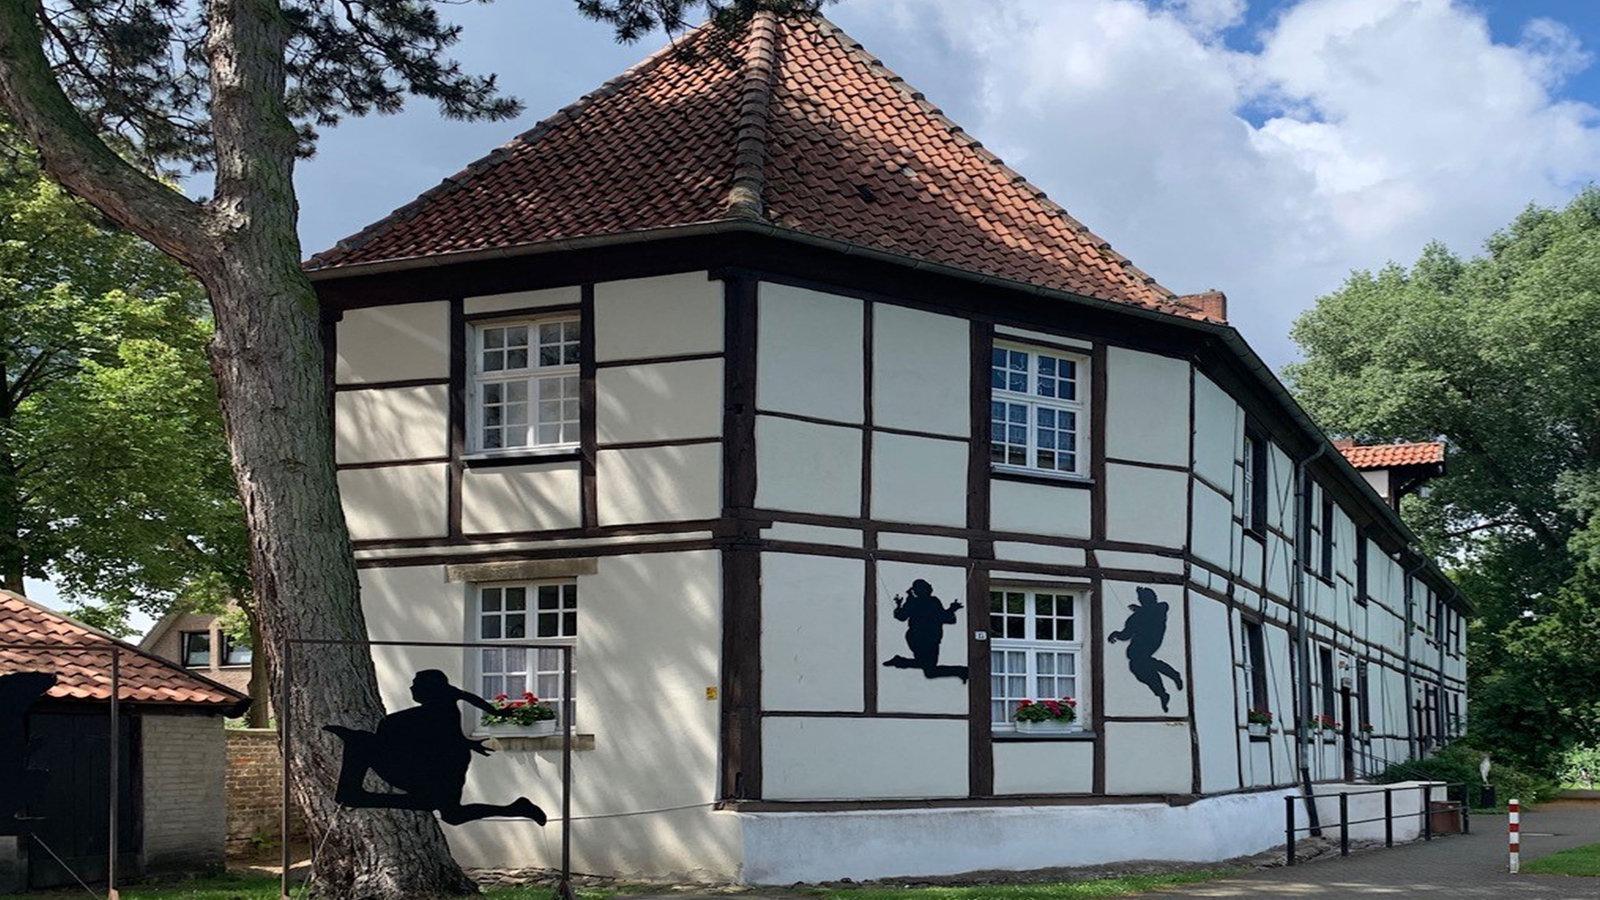 Wdr Landesstudio Münster